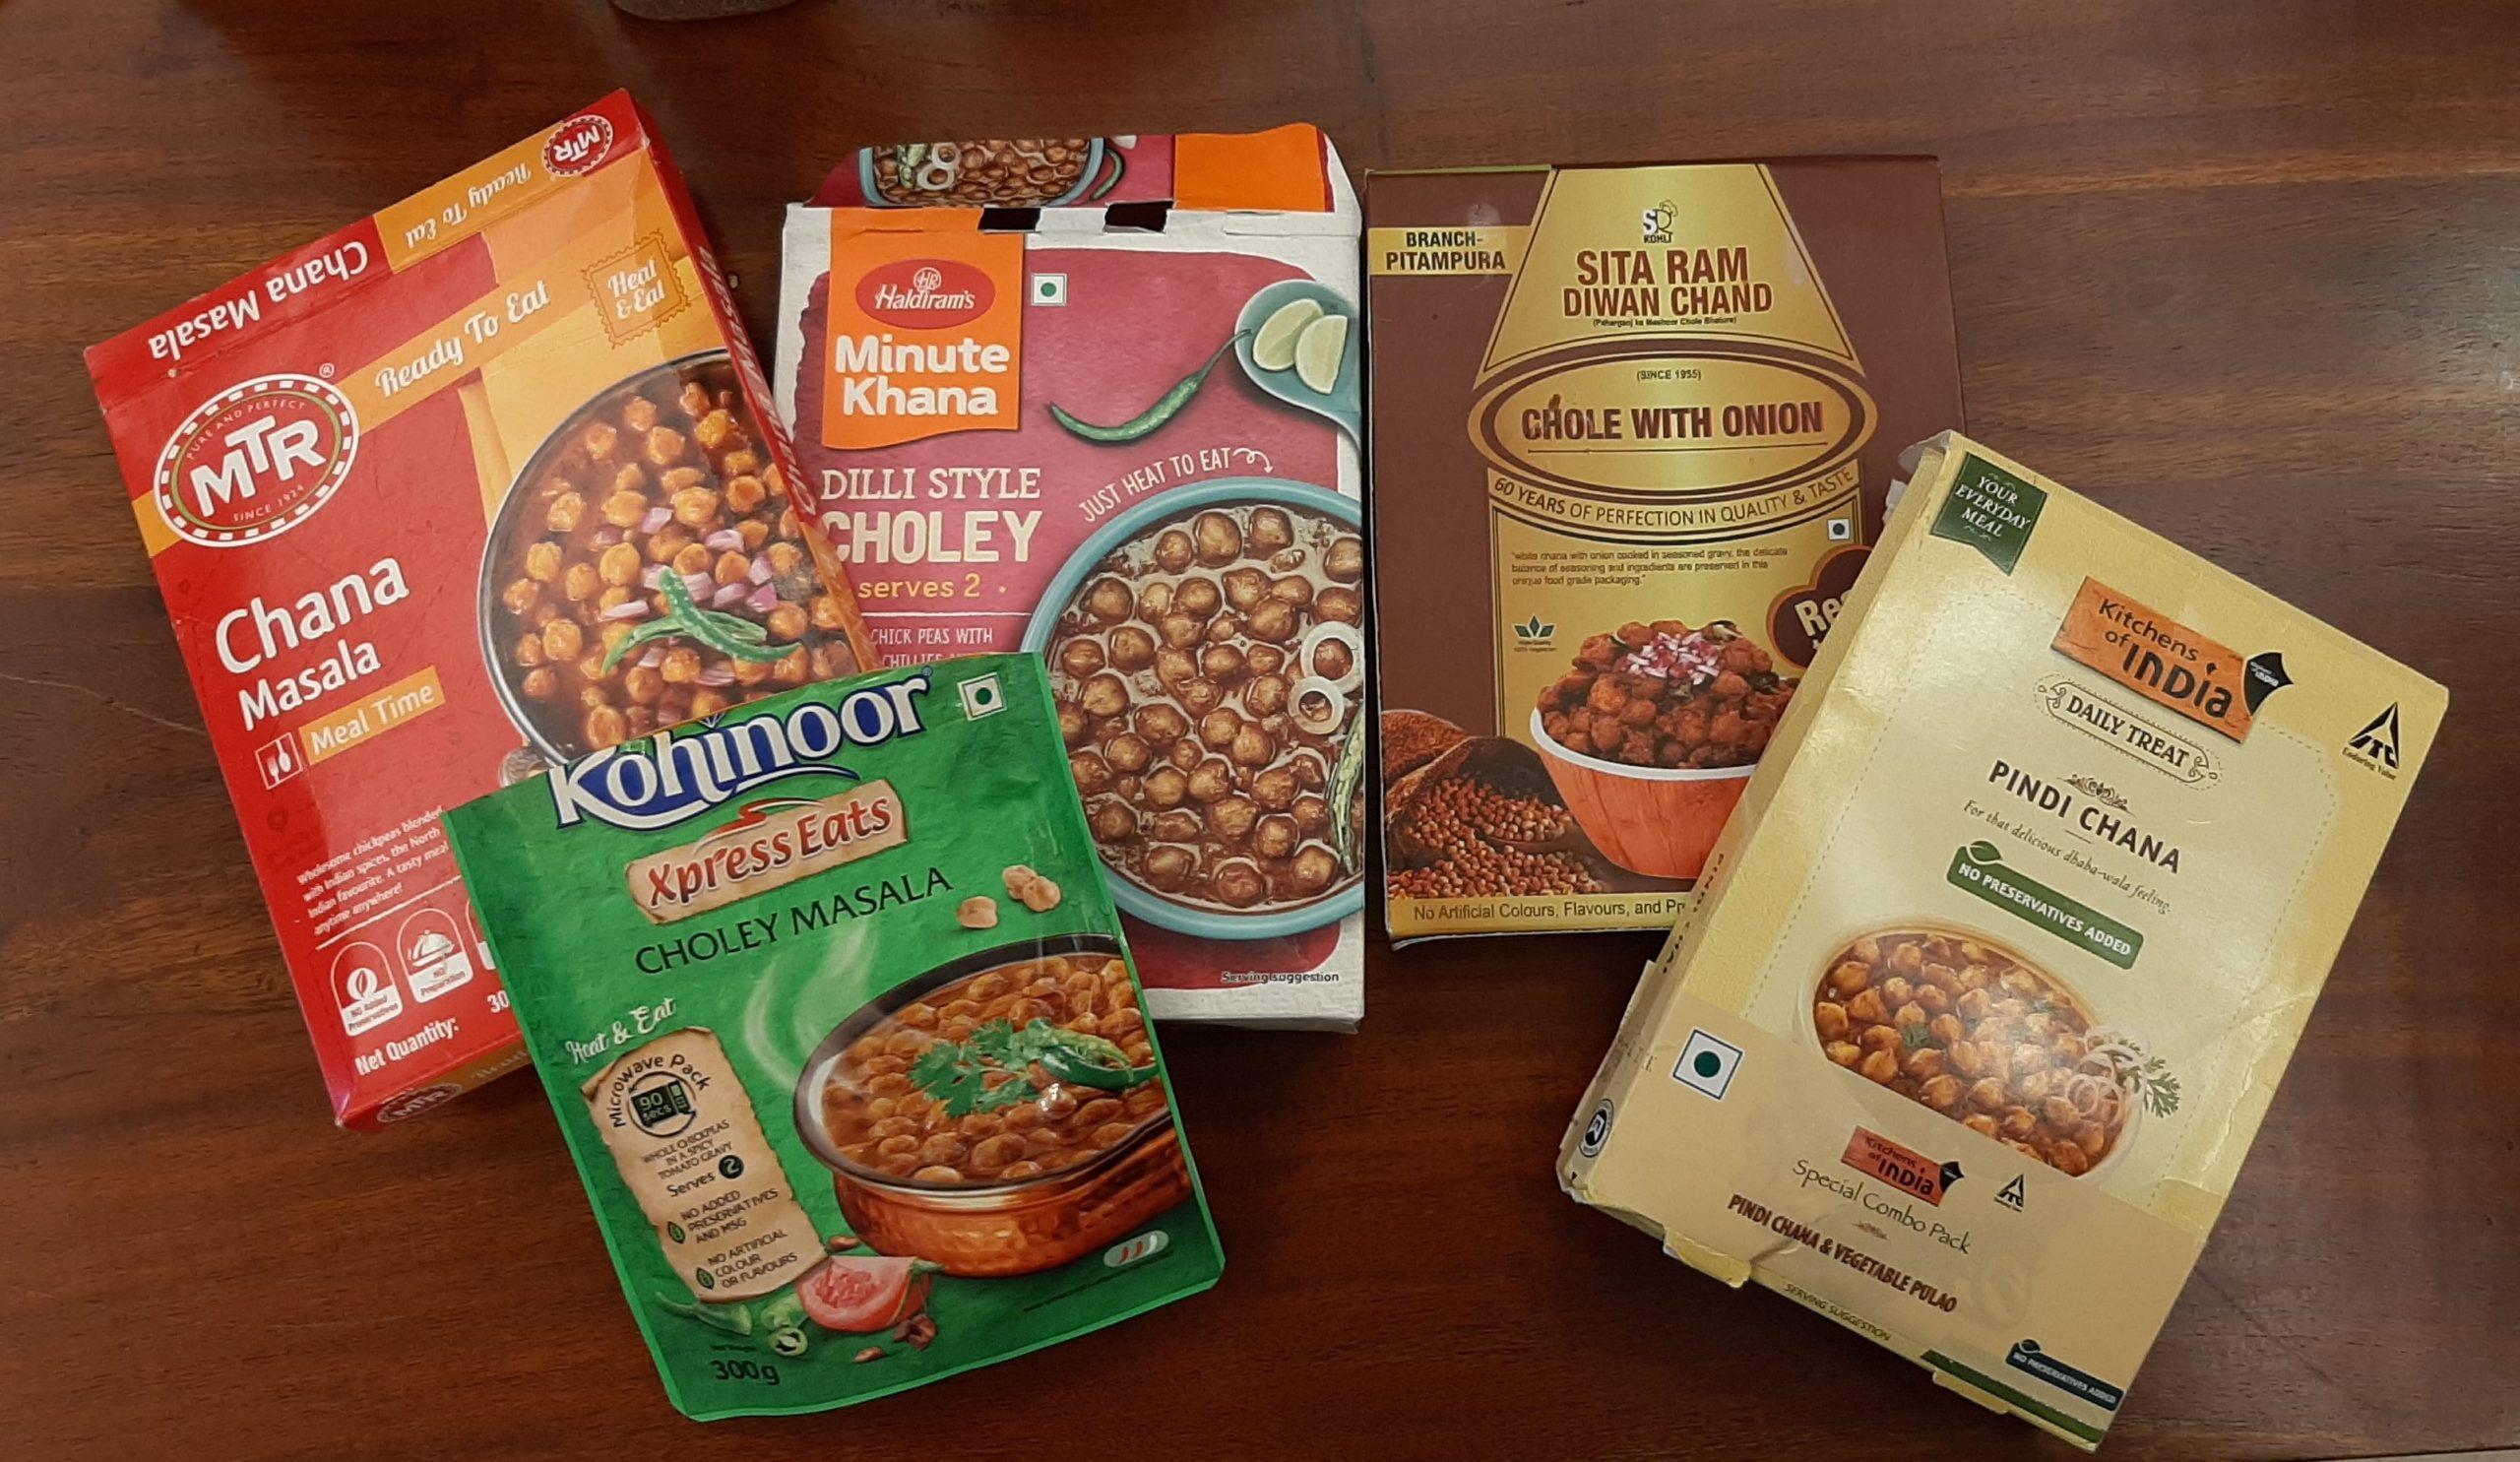 Ready-To-Eat Chana Masala-mishry